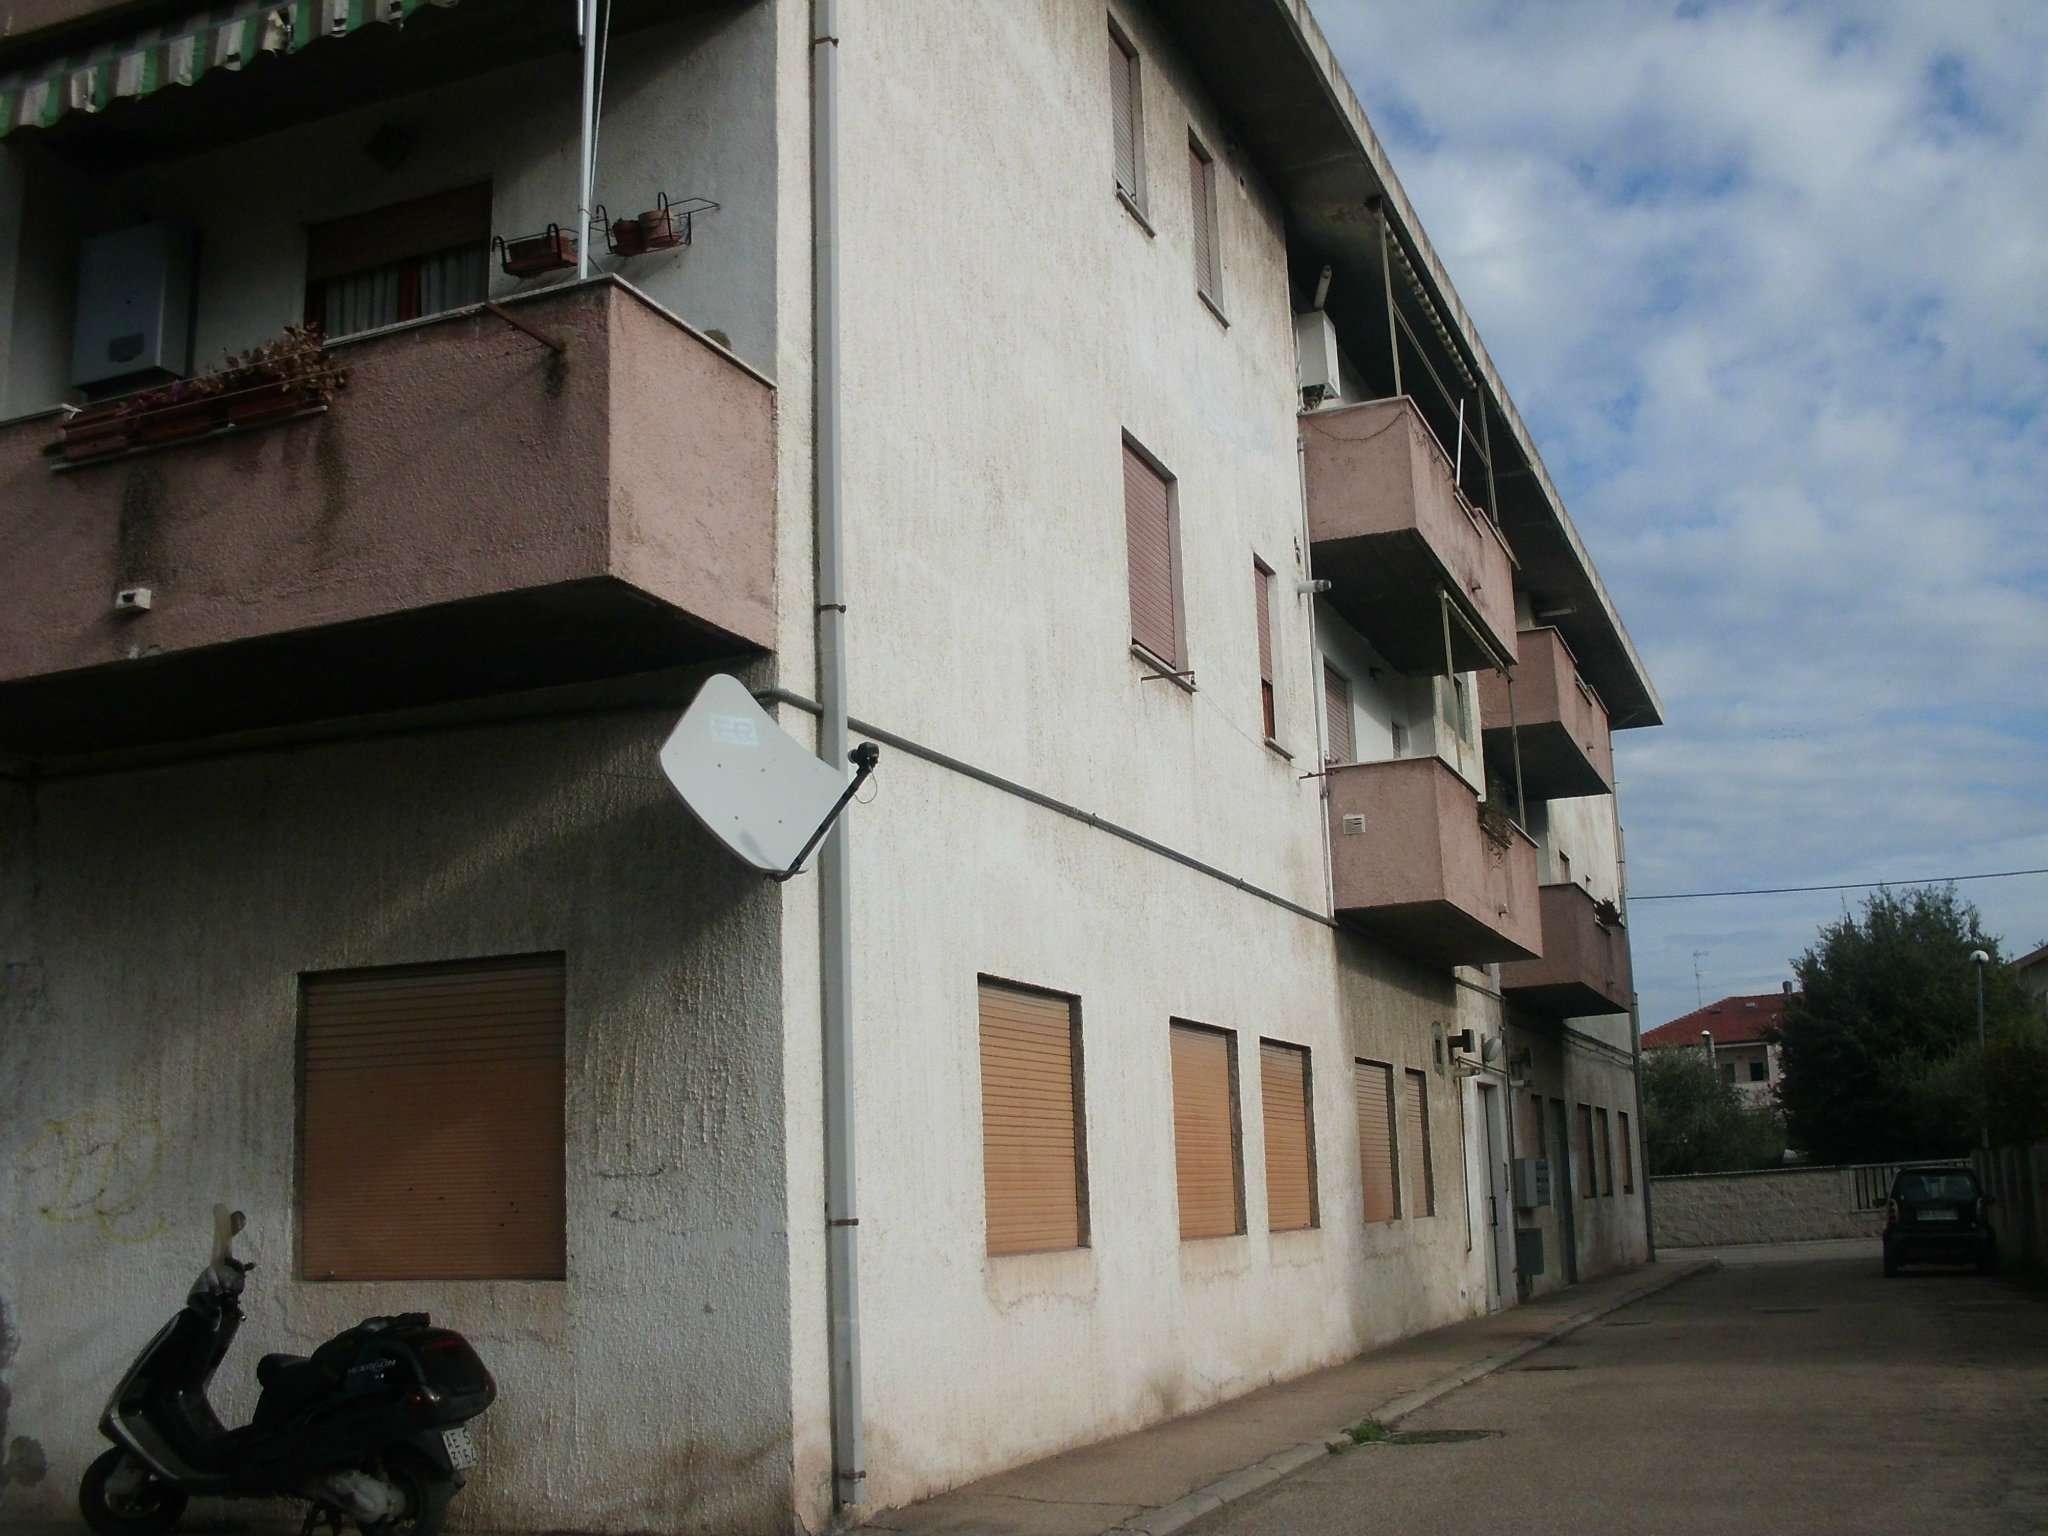 Attico / Mansarda ristrutturato arredato in affitto Rif. 5007424